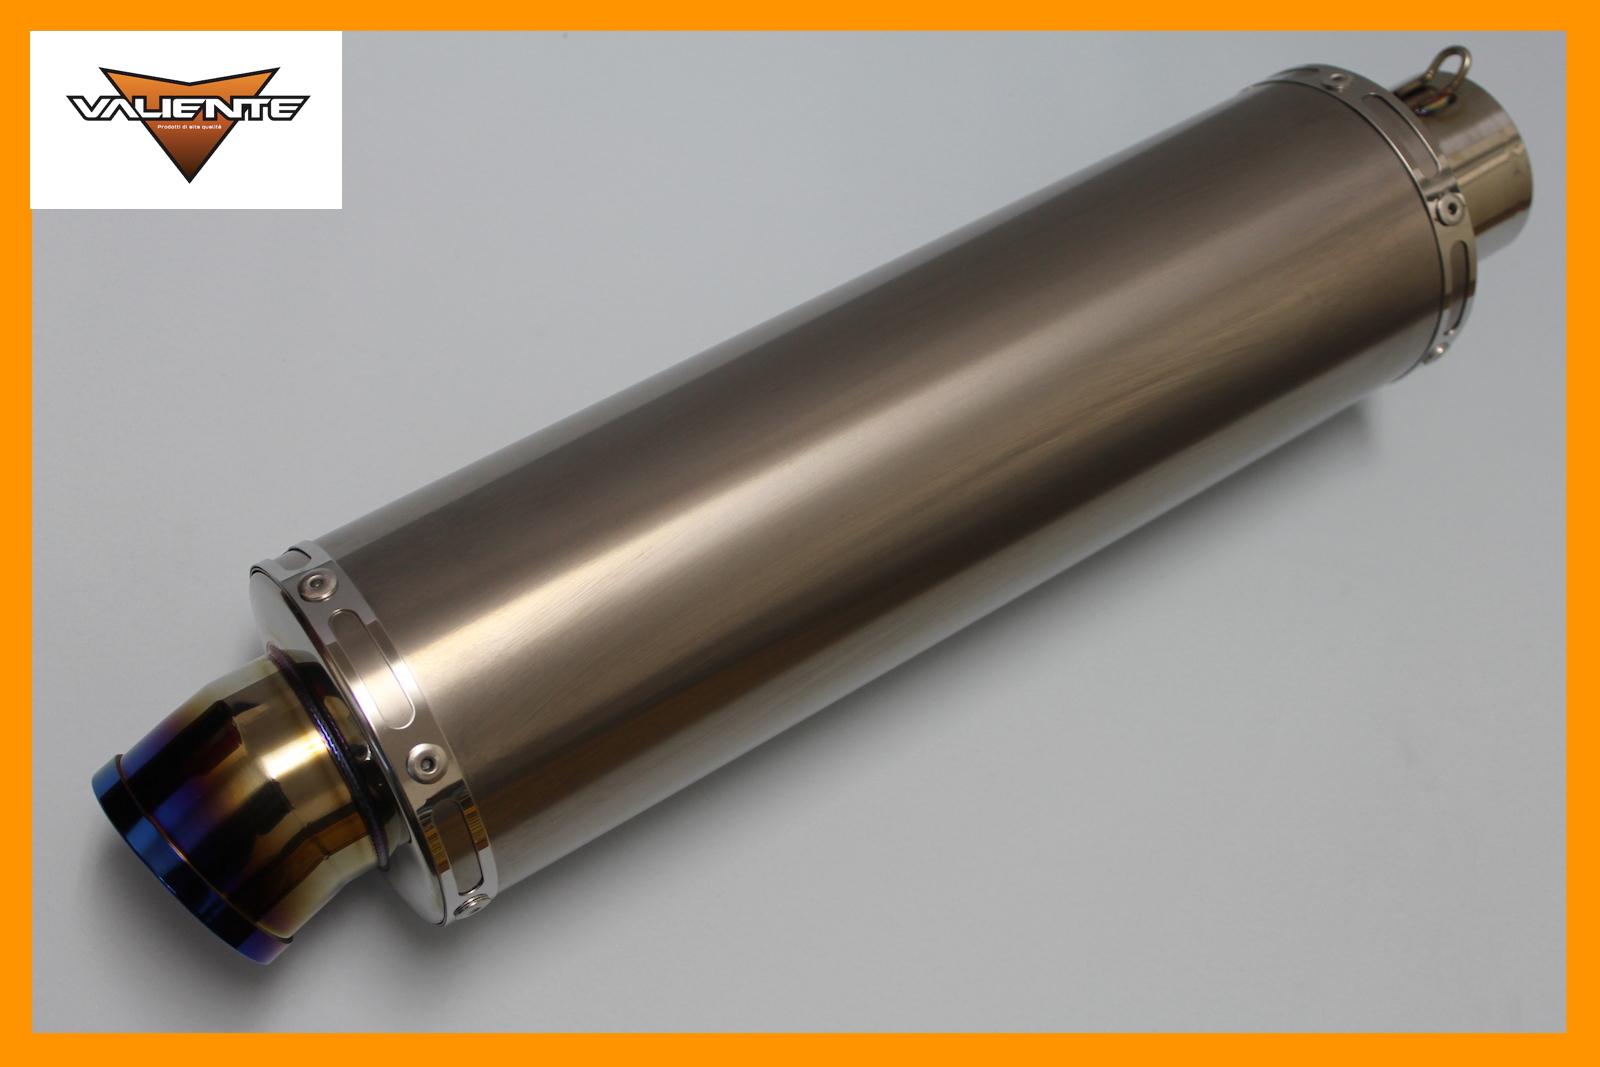 汎用チタンサイレンサー 60.5Φ用です Valiente 10%OFF バリエンテ 引き出物 60.5Φ用 バイクマフラー ブルーカラー 100Φ×350mm